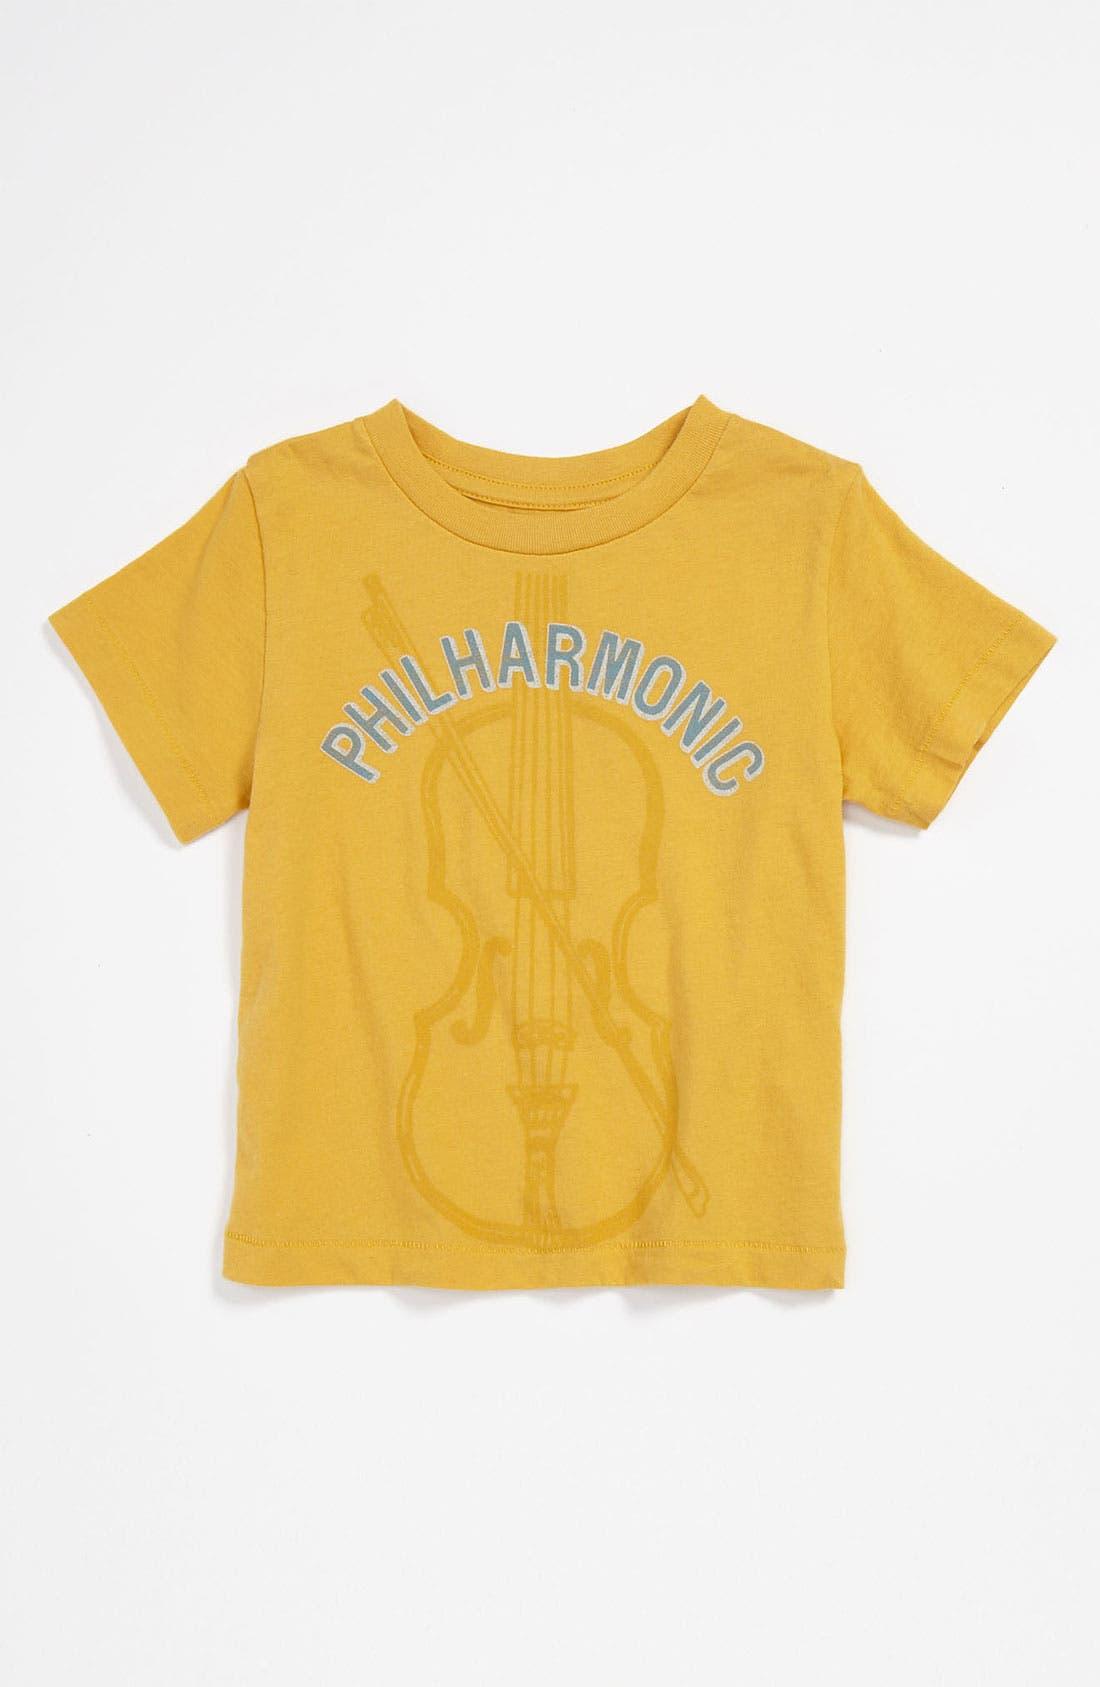 'Philharmonic' T-Shirt,                         Main,                         color, Gold